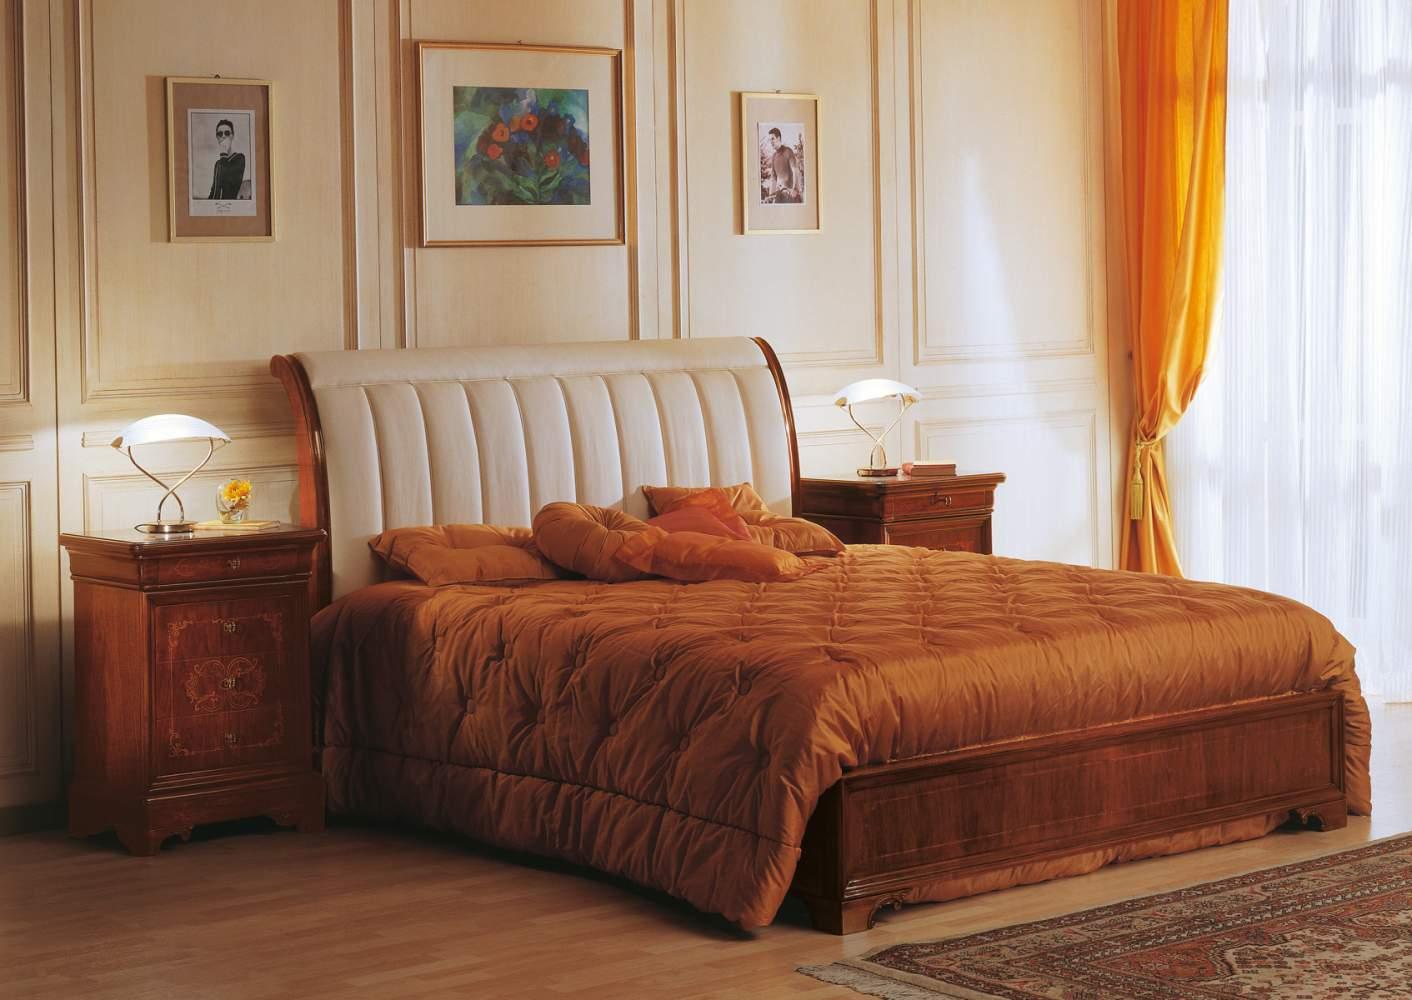 Camera 800 francese realizzata secondo i canoni degli stili classici, in legno di noce intarsiato